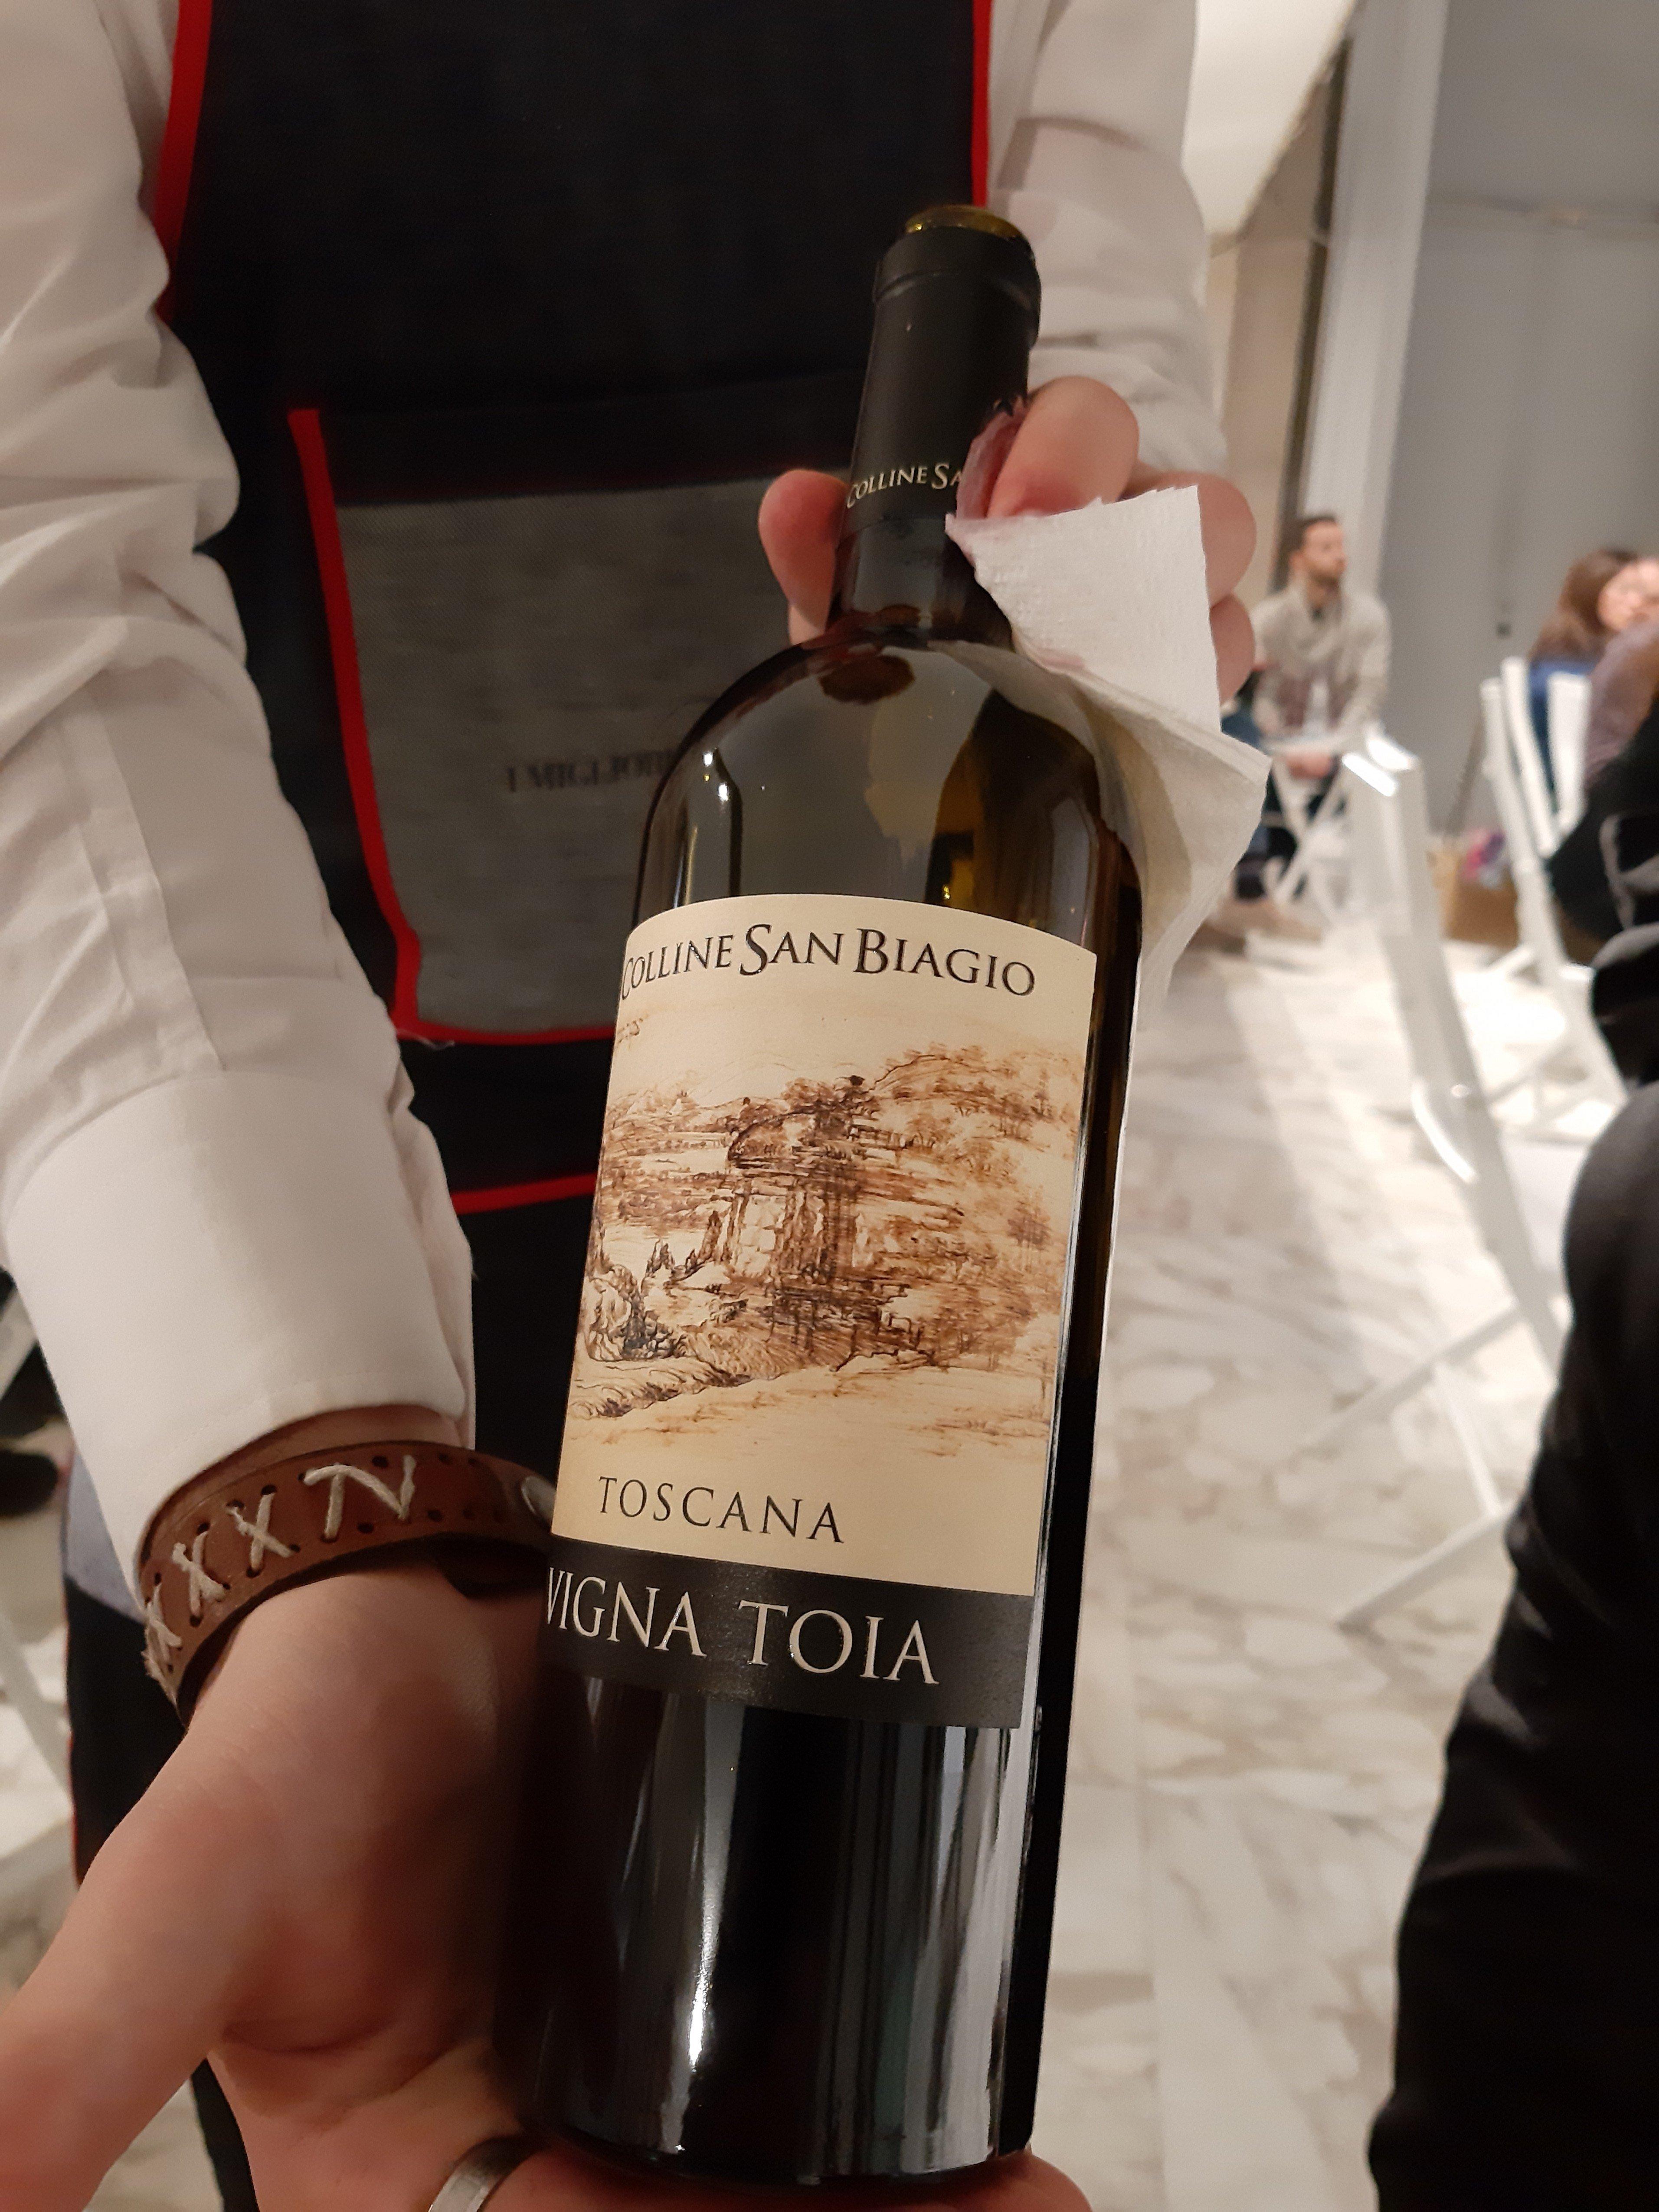 Colline San Biagio Vigna Toia 2017